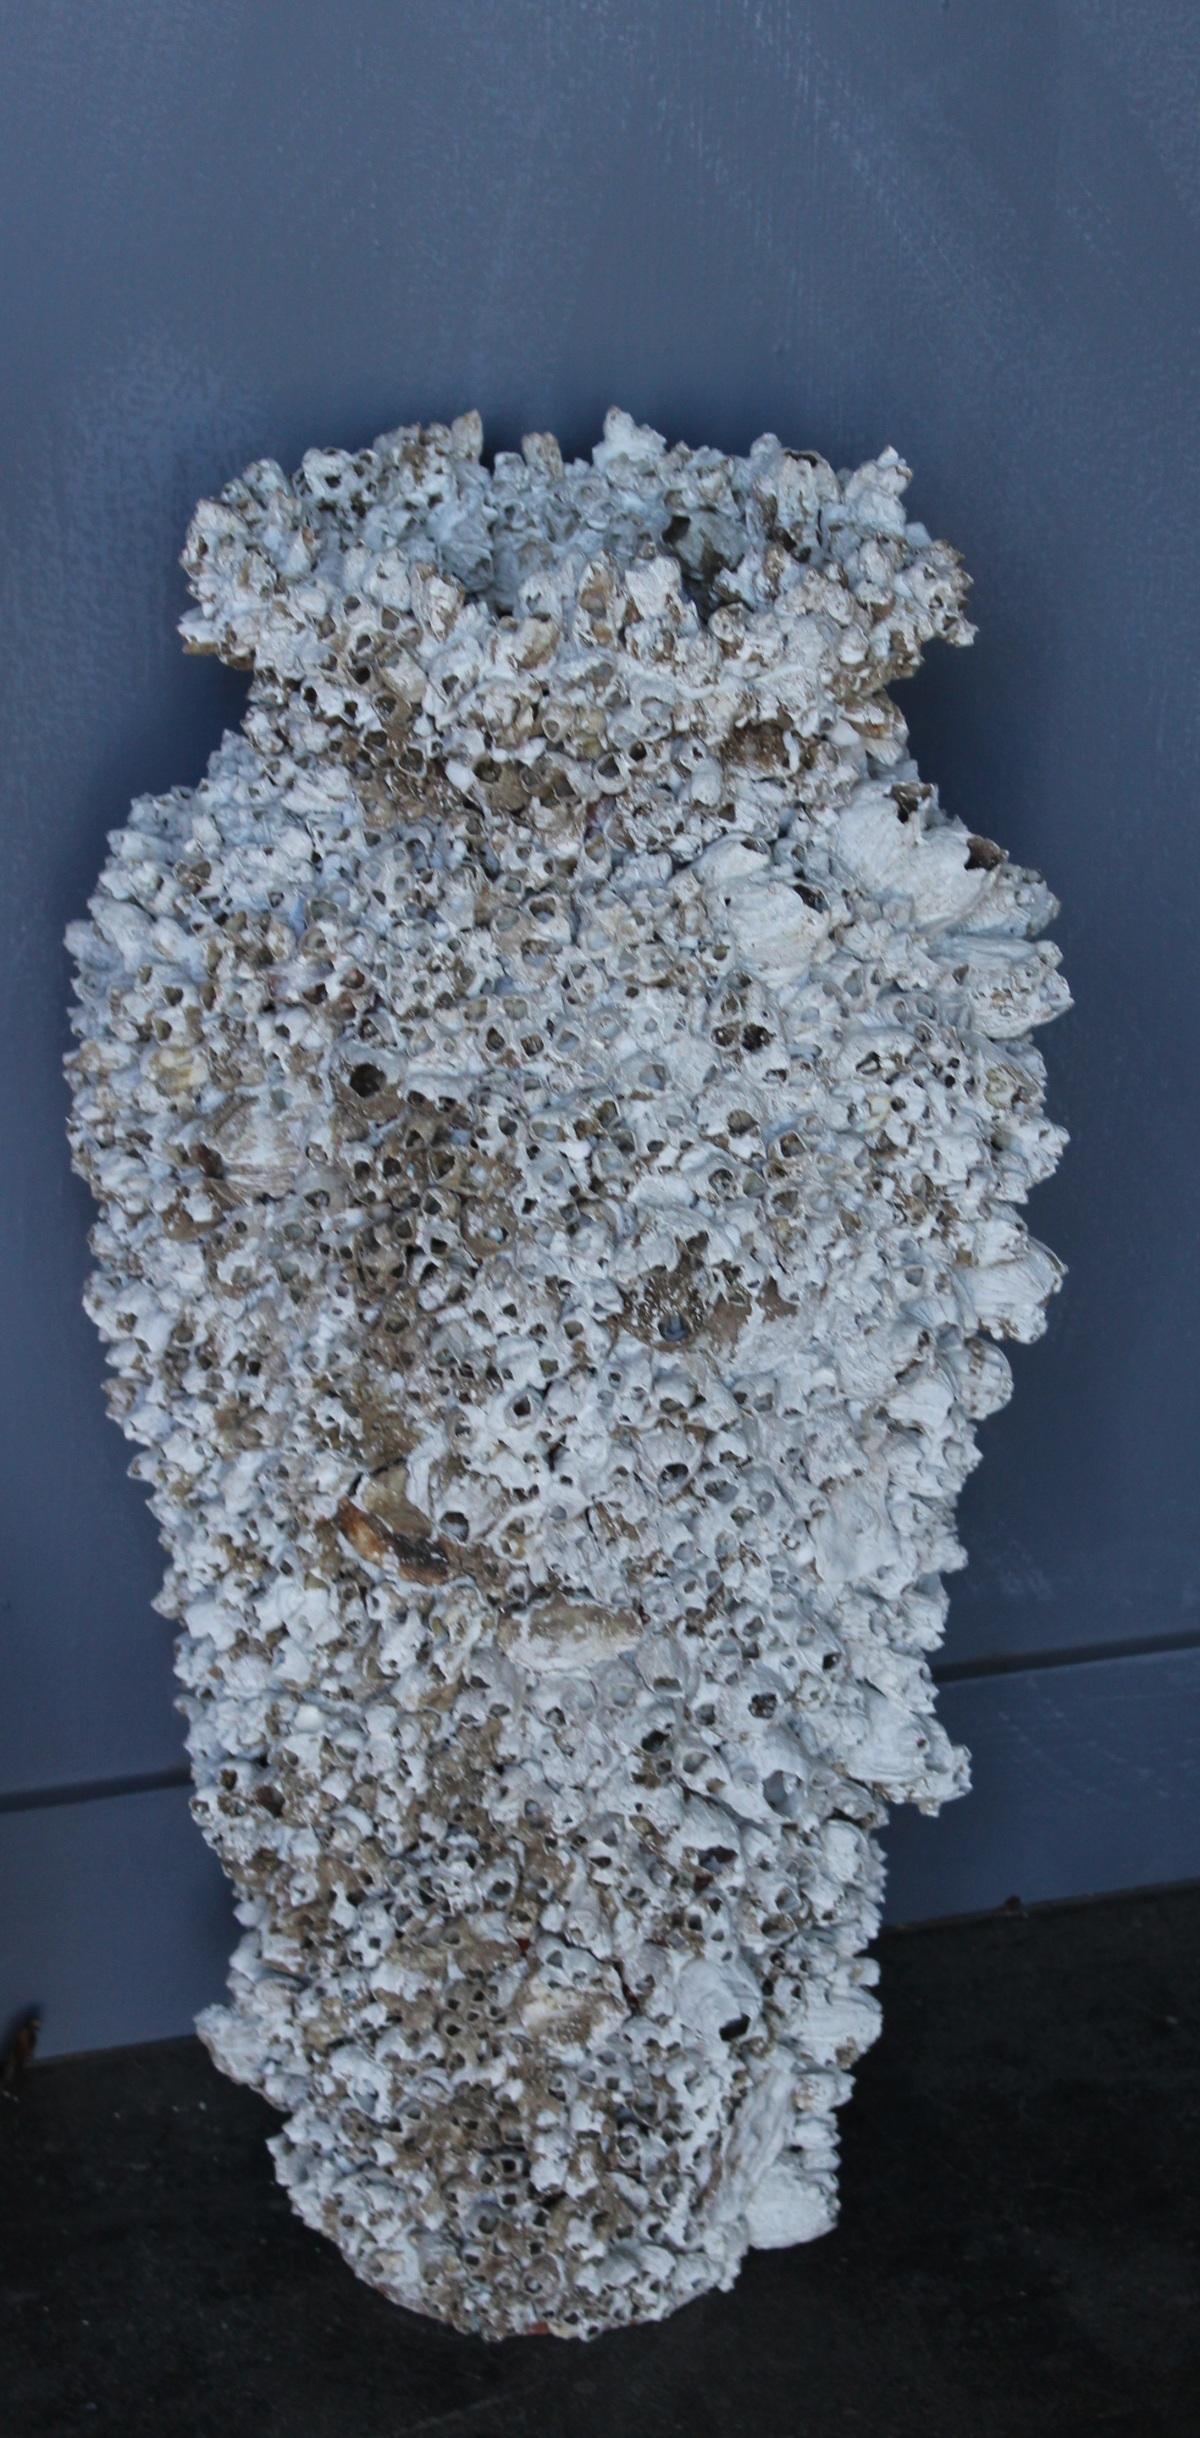 barnacle vase 042013